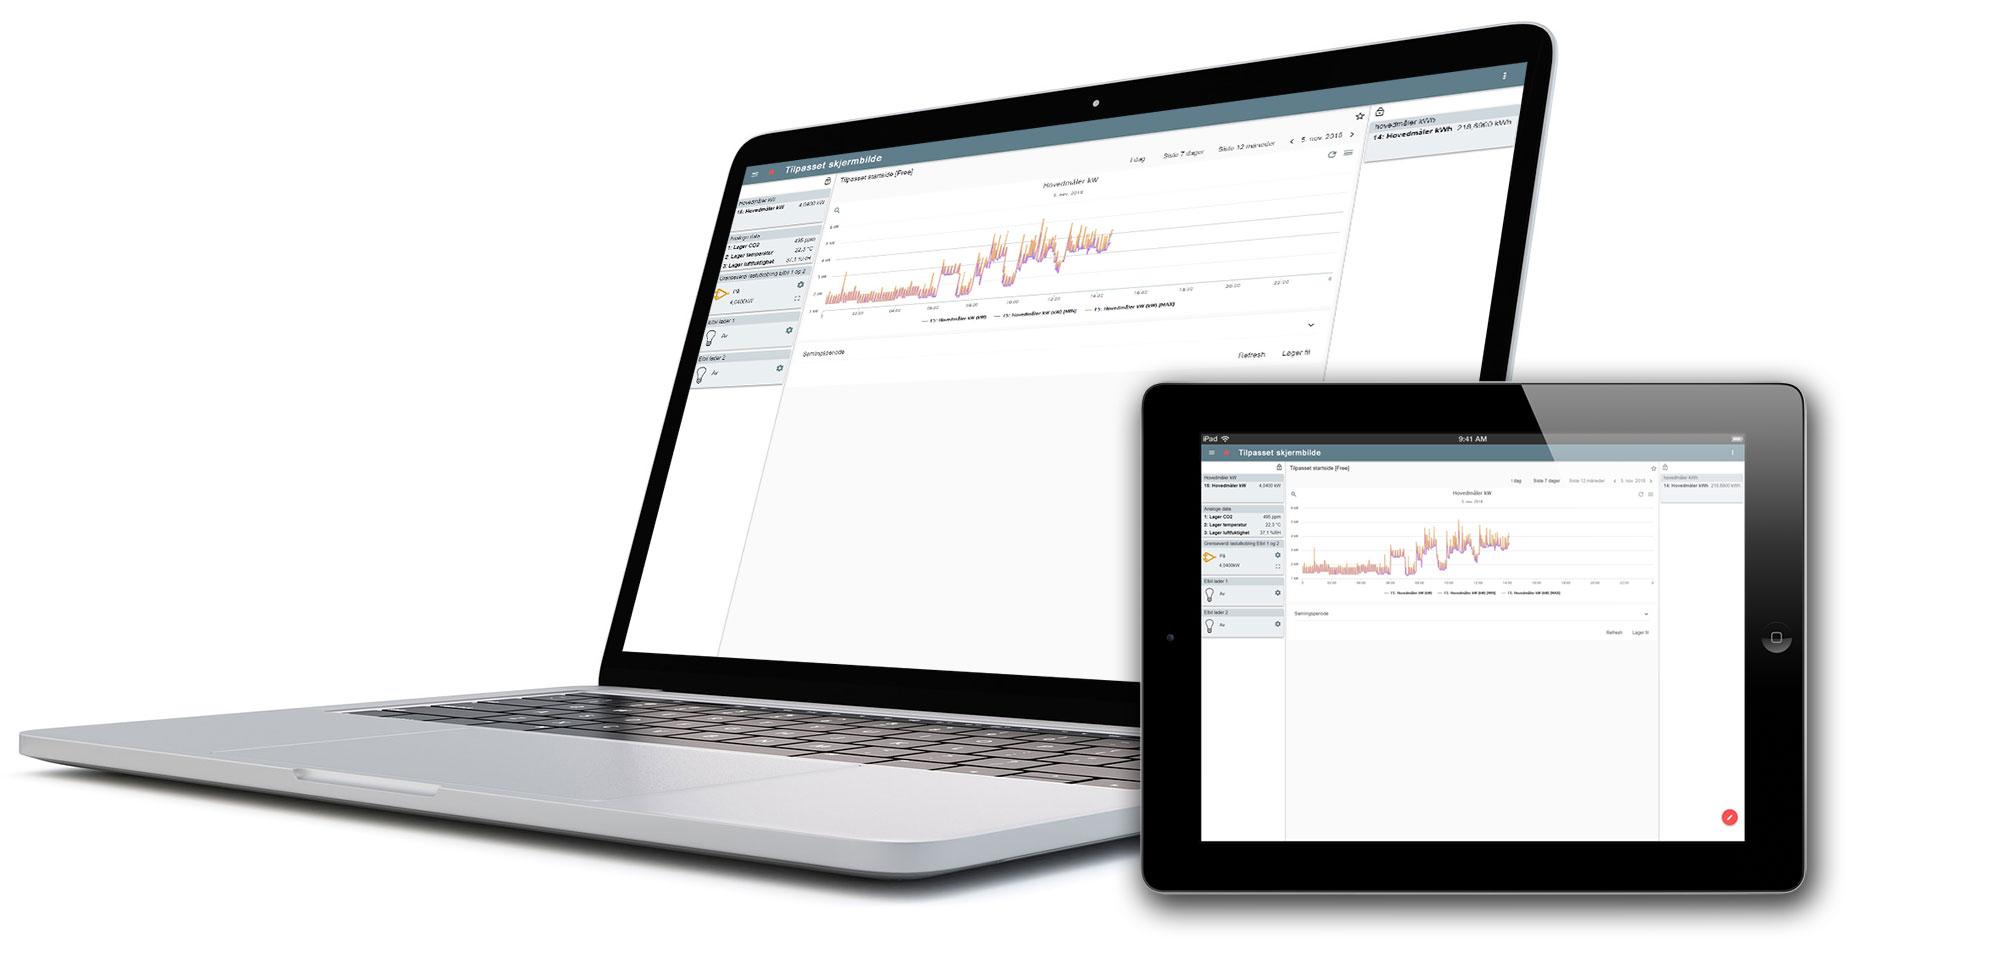 WEBBapp med tilpasset skjermbilde for visning av energiforbruk